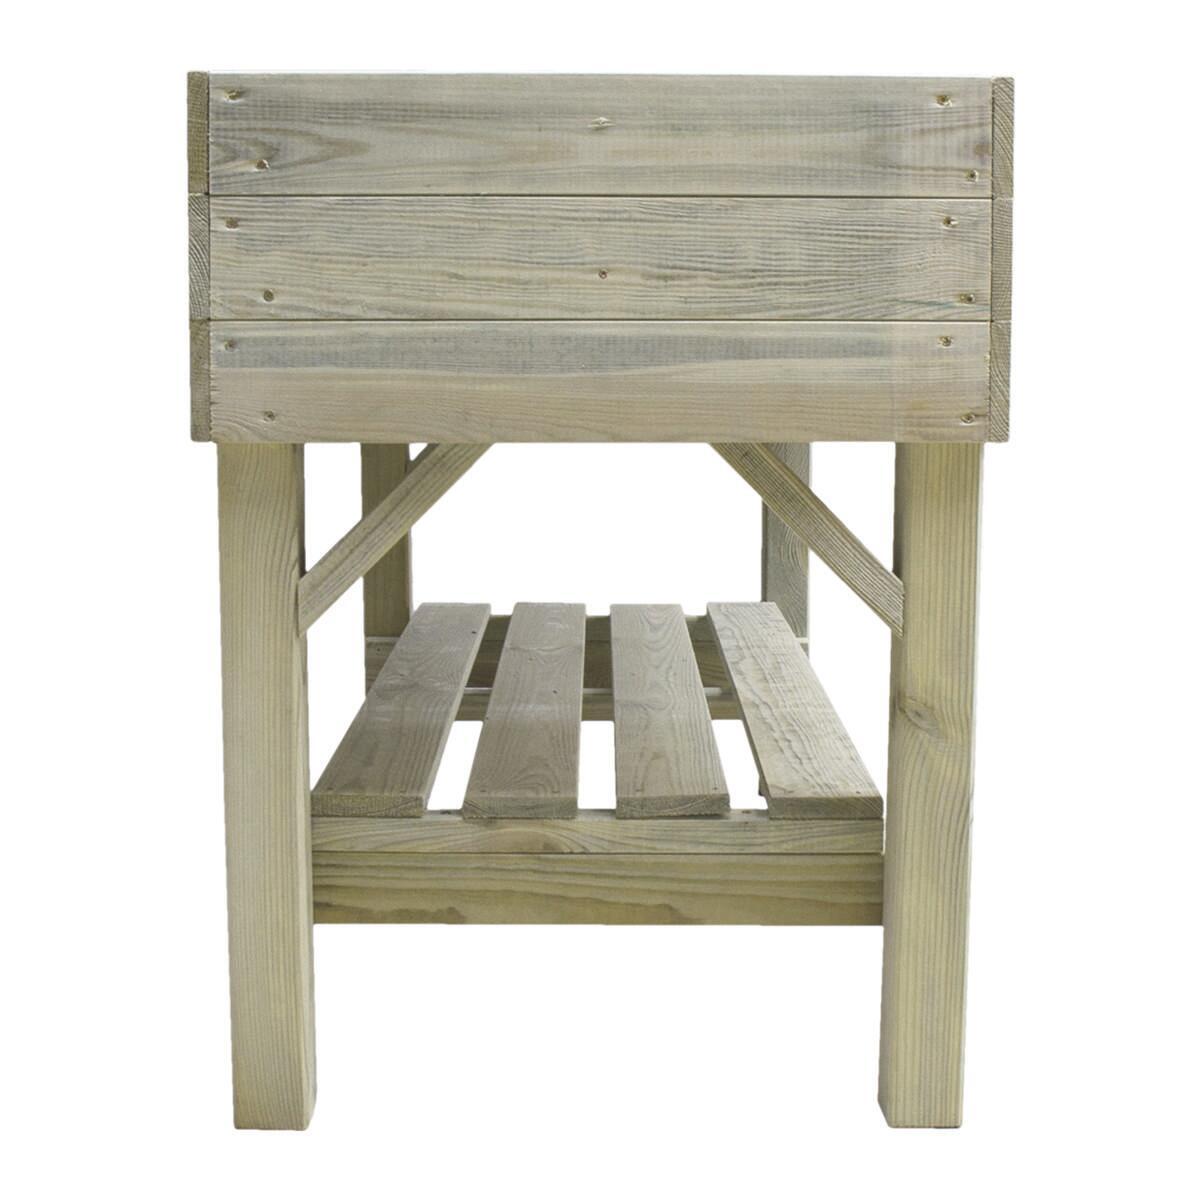 Fioriera per orto in legno verde L 120 x P 60 x H 80 cm - 3